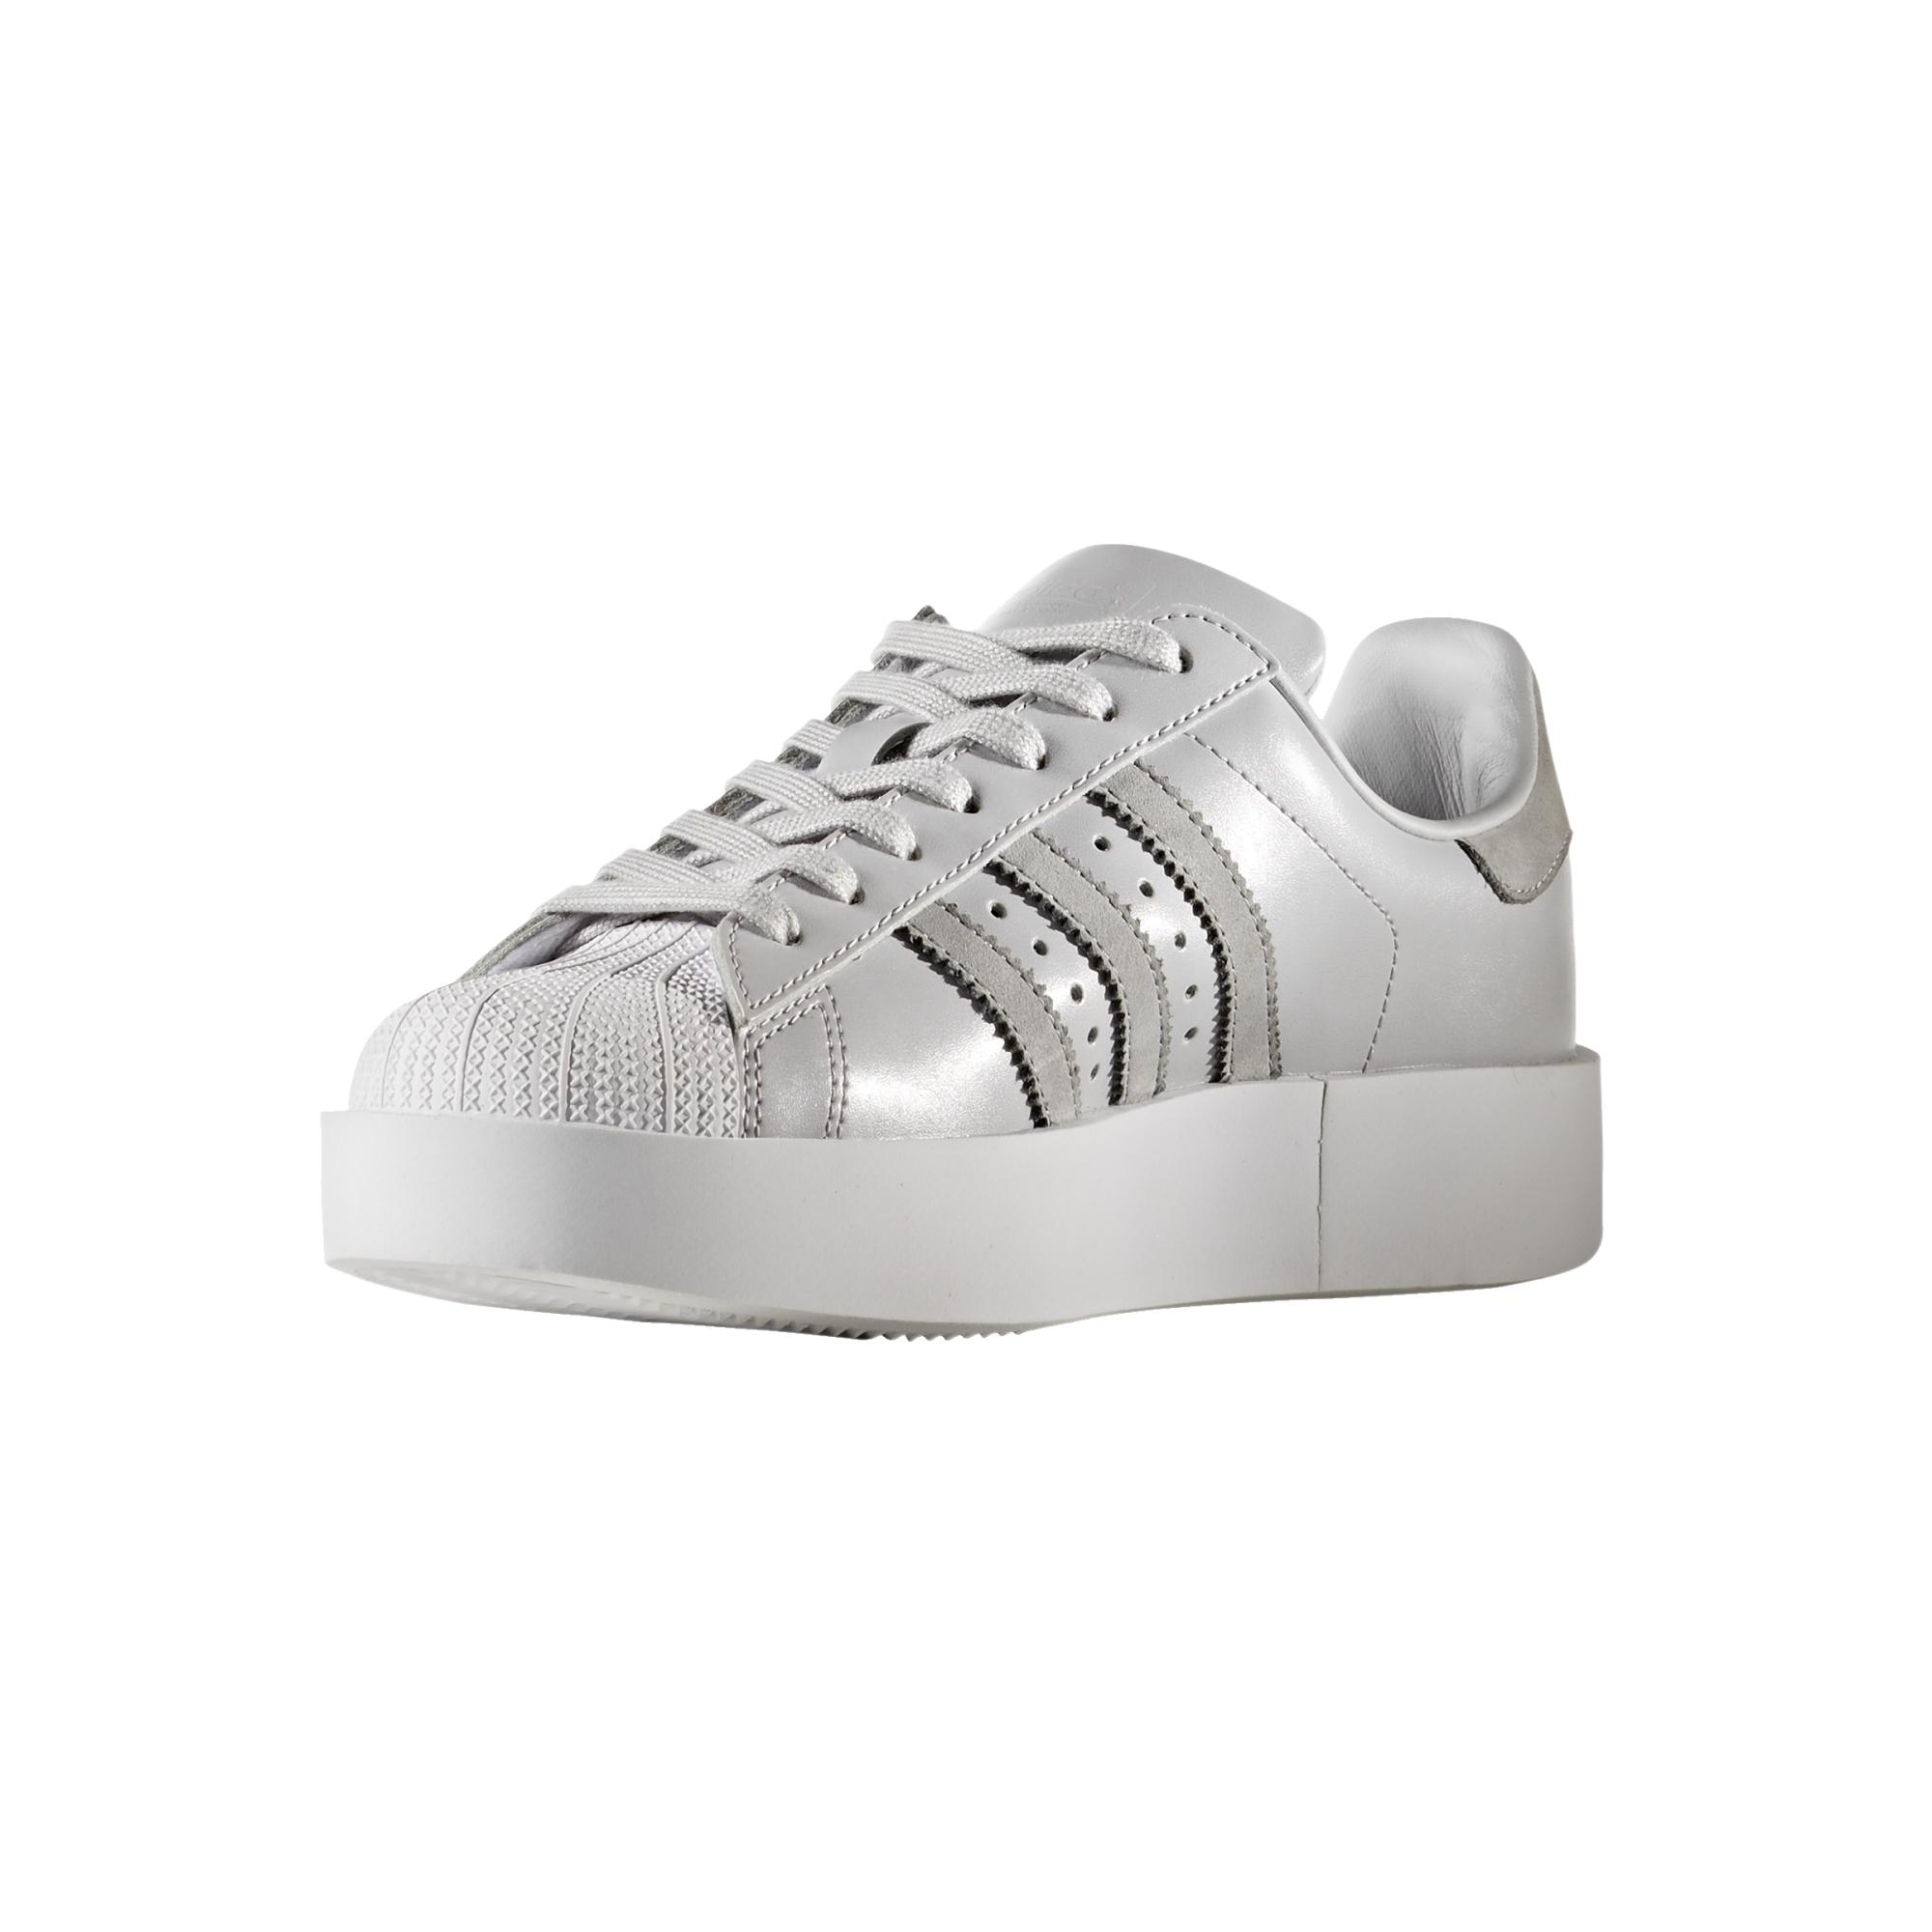 64da150c2 ... Adidas Originals Superstar Bold Platform, ...